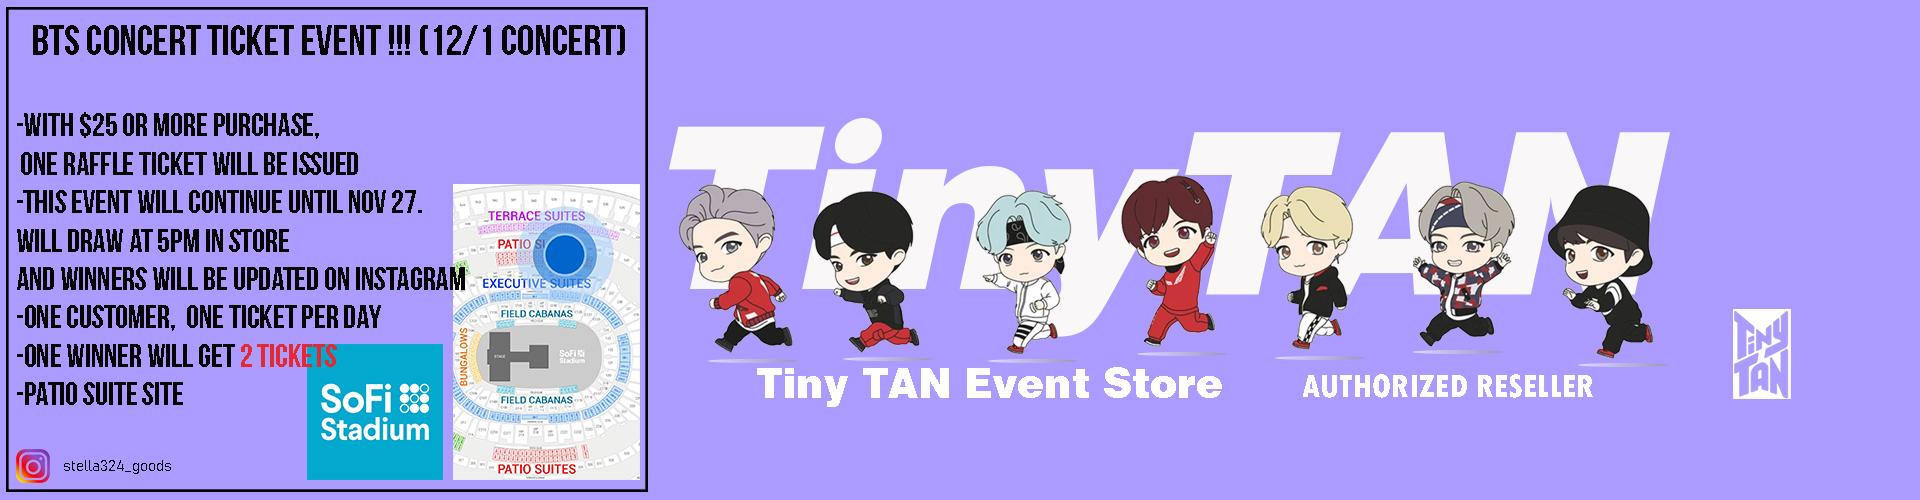 STELLA324 Main Banner 1 - BTS Concert Event